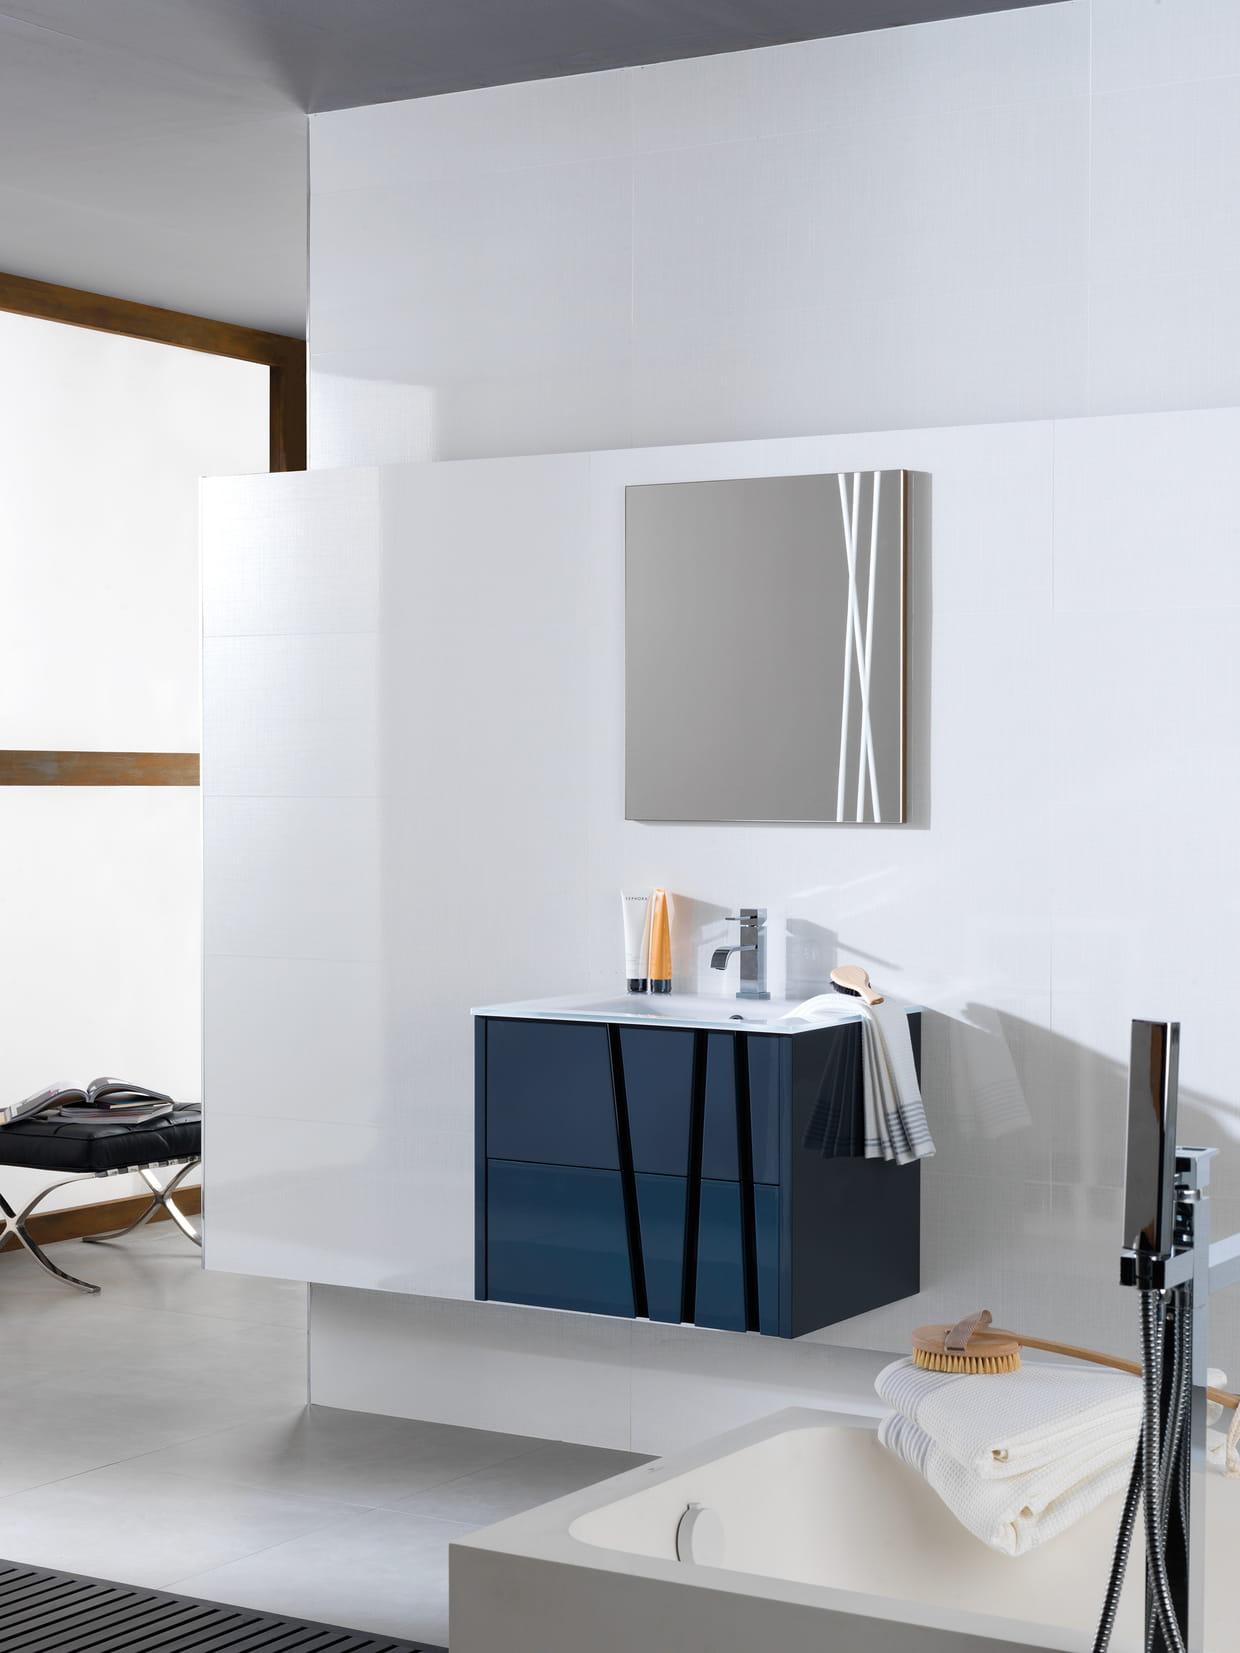 Meuble bambu de porcelanosa for Meuble salle de bain porcelanosa